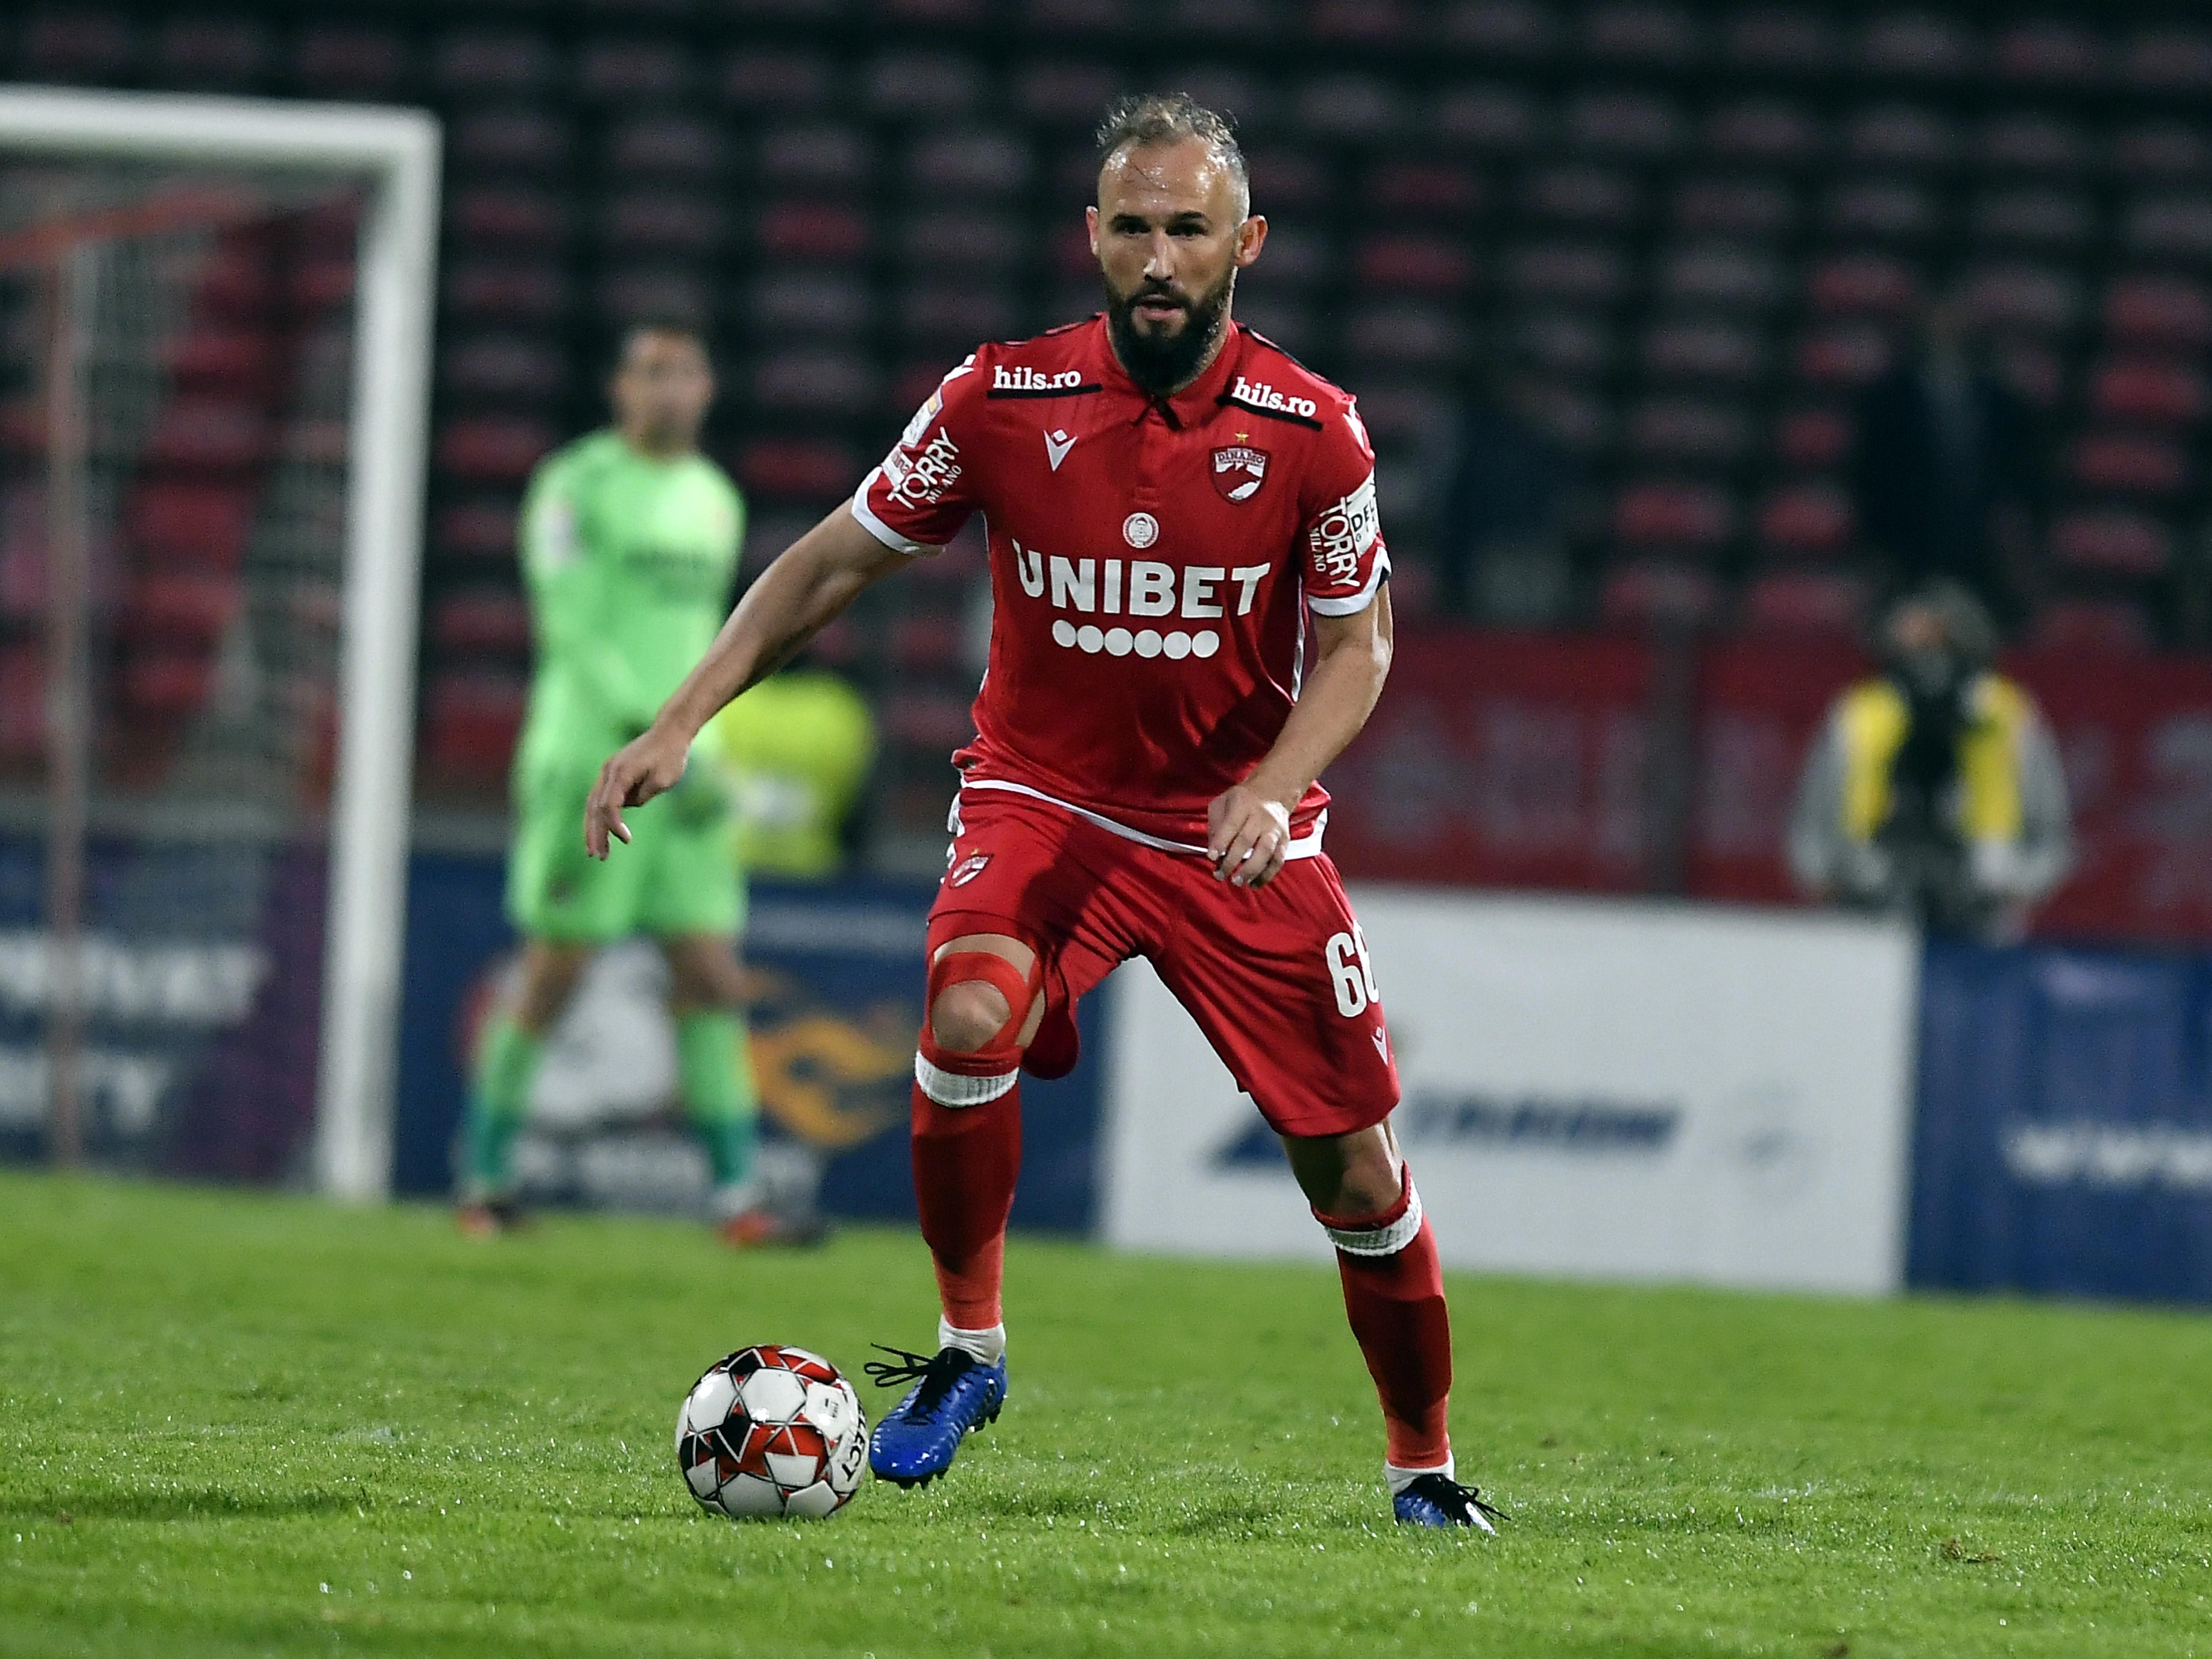 Ante Puljic, interviu eveniment Când tot citesc că Dinamo intră în insolvență, nu mă simt confortabil Adevărul despre transferul la FCSB Am venit la București pentru Rednic, nu pentru Gigi! EXCLUSIV (1)